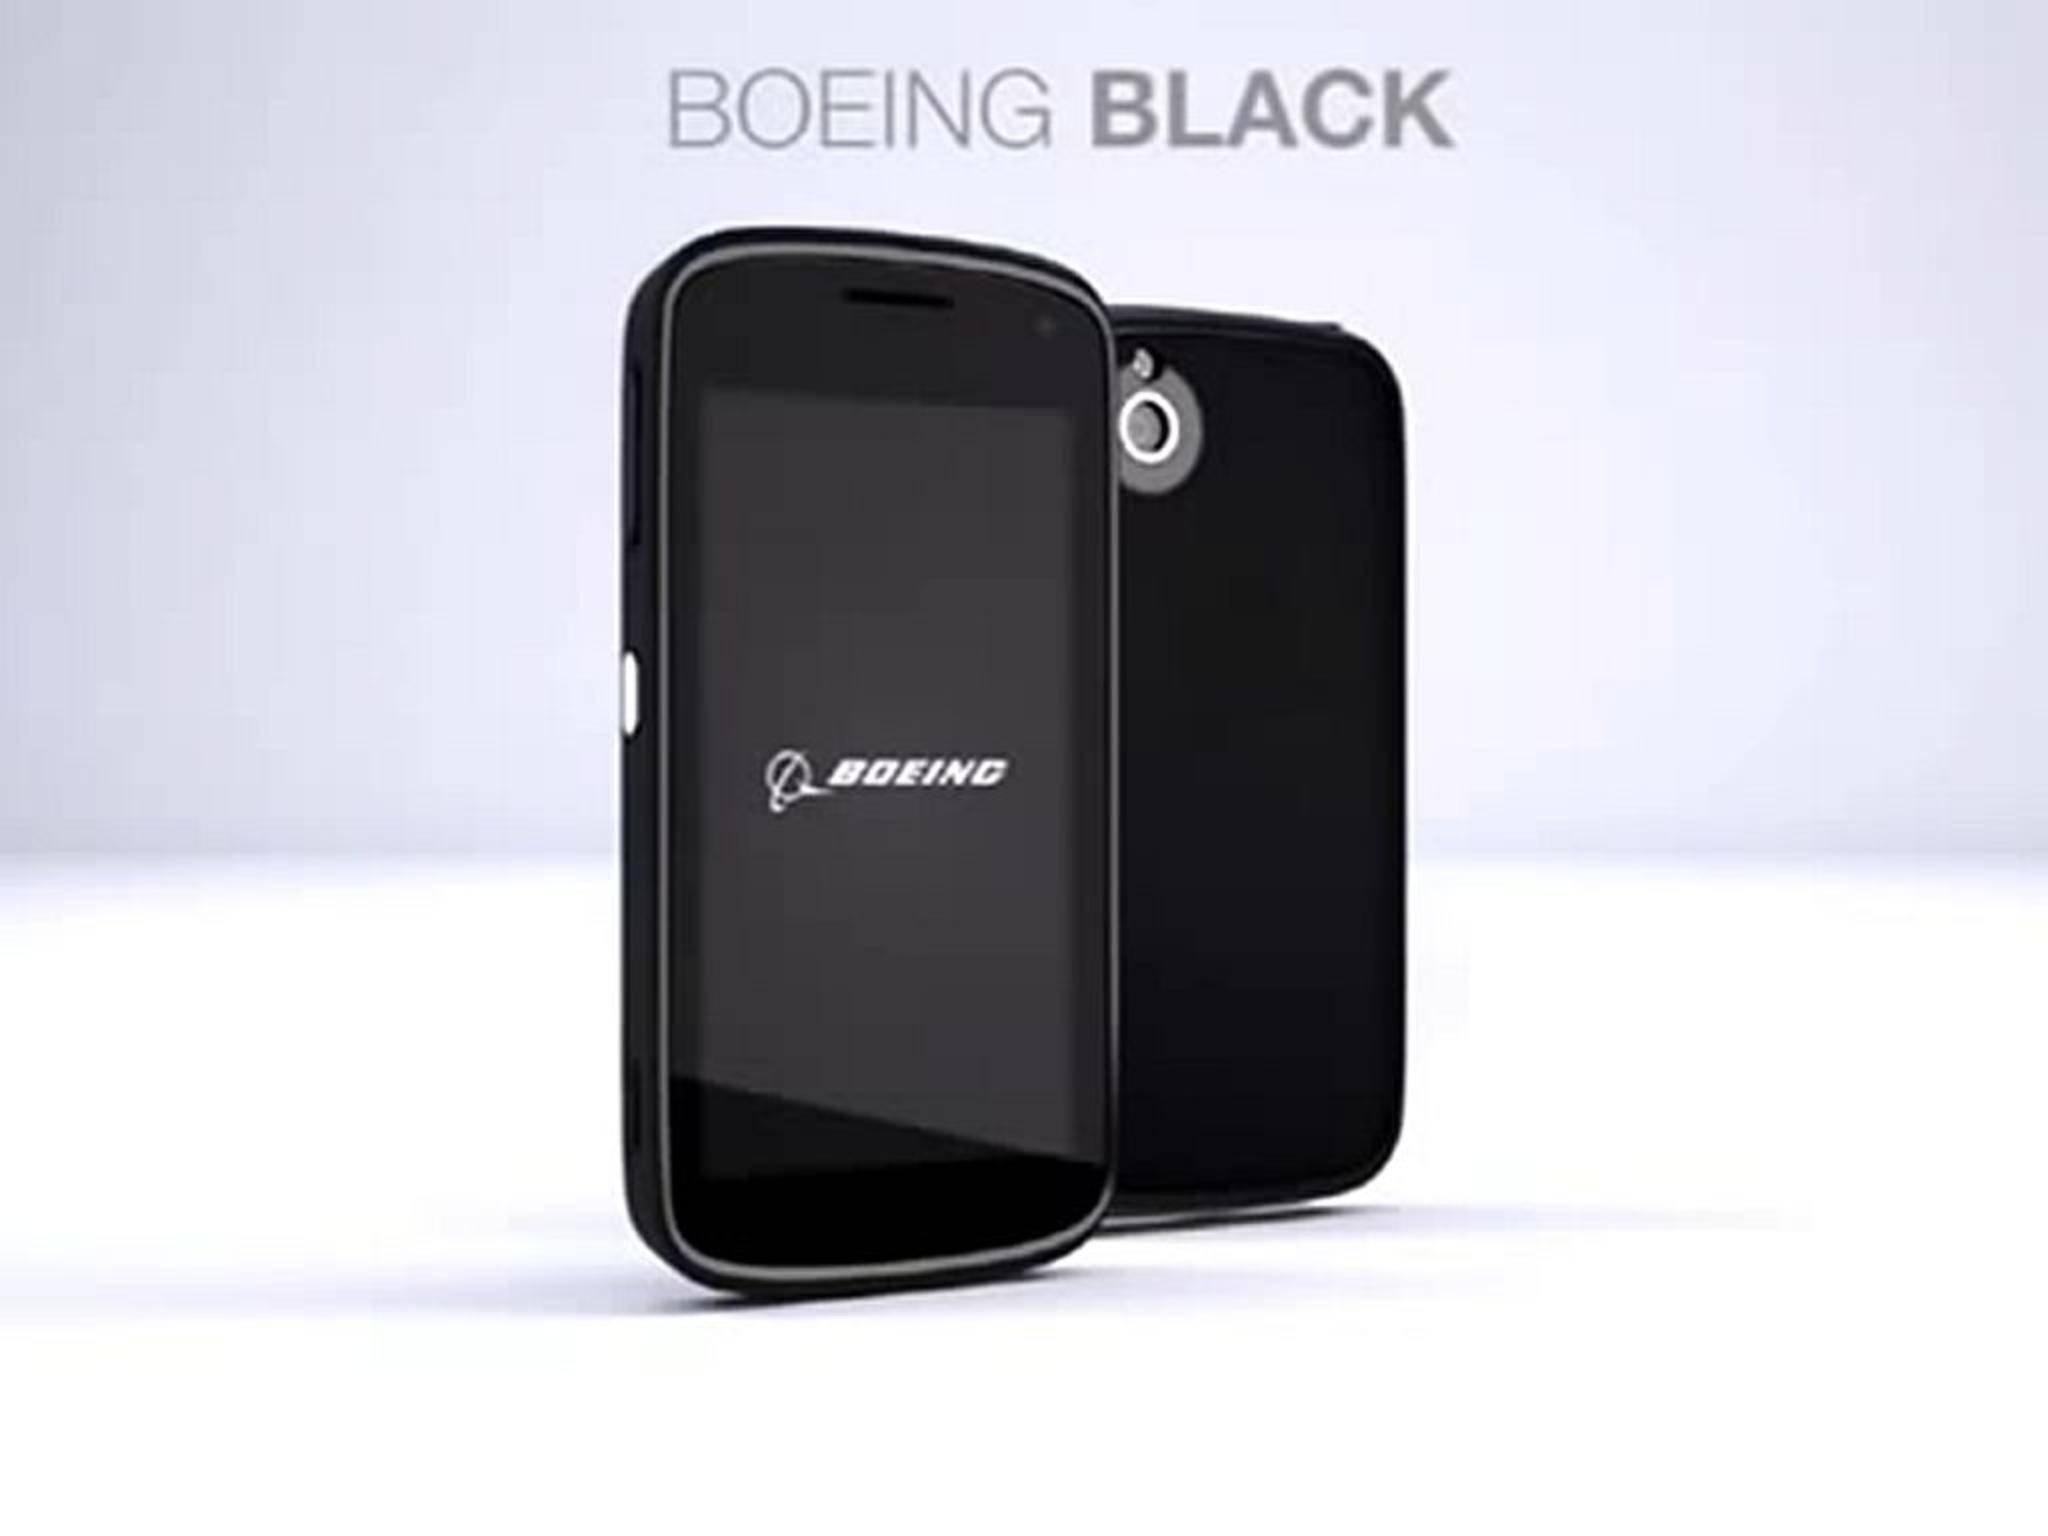 Das Black Phone von Boeing soll bald Realität werden.